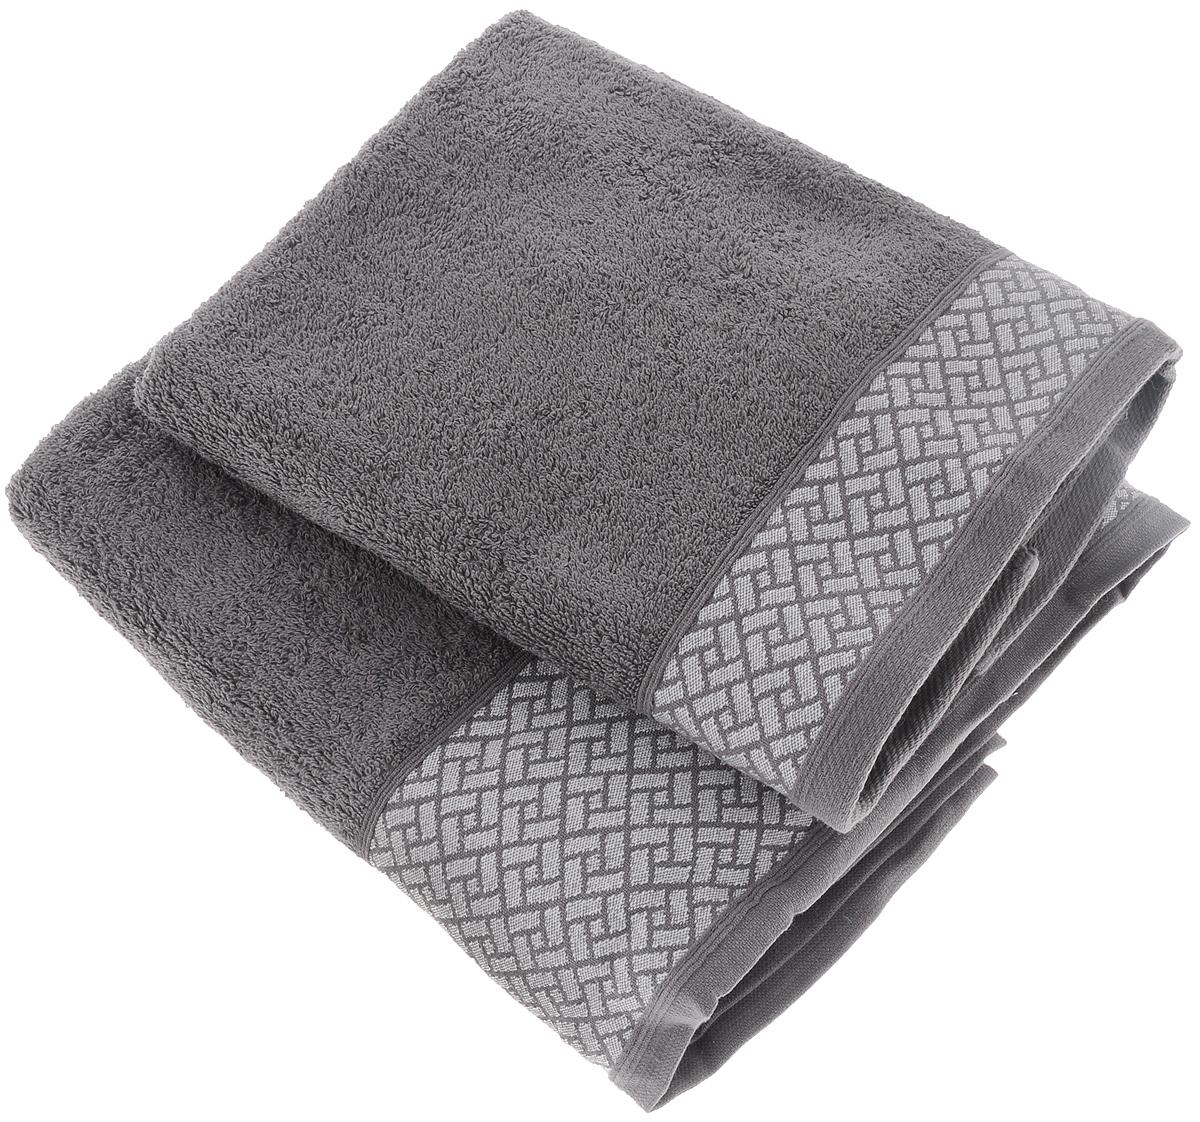 Набор полотенец Tete-a-Tete Лабиринт, цвет: серый, 50 х 90 см, 2 штУП-009-03-2кНабор Tete-a-Tete Лабиринт состоит из двух махровых полотенец, выполненных из натурального 100% хлопка. Бордюр полотенец декорирован геометрическим узором. Изделия мягкие, отлично впитывают влагу, быстро сохнут, сохраняют яркость цвета и не теряют форму даже после многократных стирок. Полотенца Tete-a-Tete Лабиринт очень практичны и неприхотливы в уходе. Они легко впишутся в любой интерьер благодаря своей нежной цветовой гамме. Набор упакован в красивую коробку и может послужить отличной идеей для подарка. Размер полотенец: 50 х 90 см.